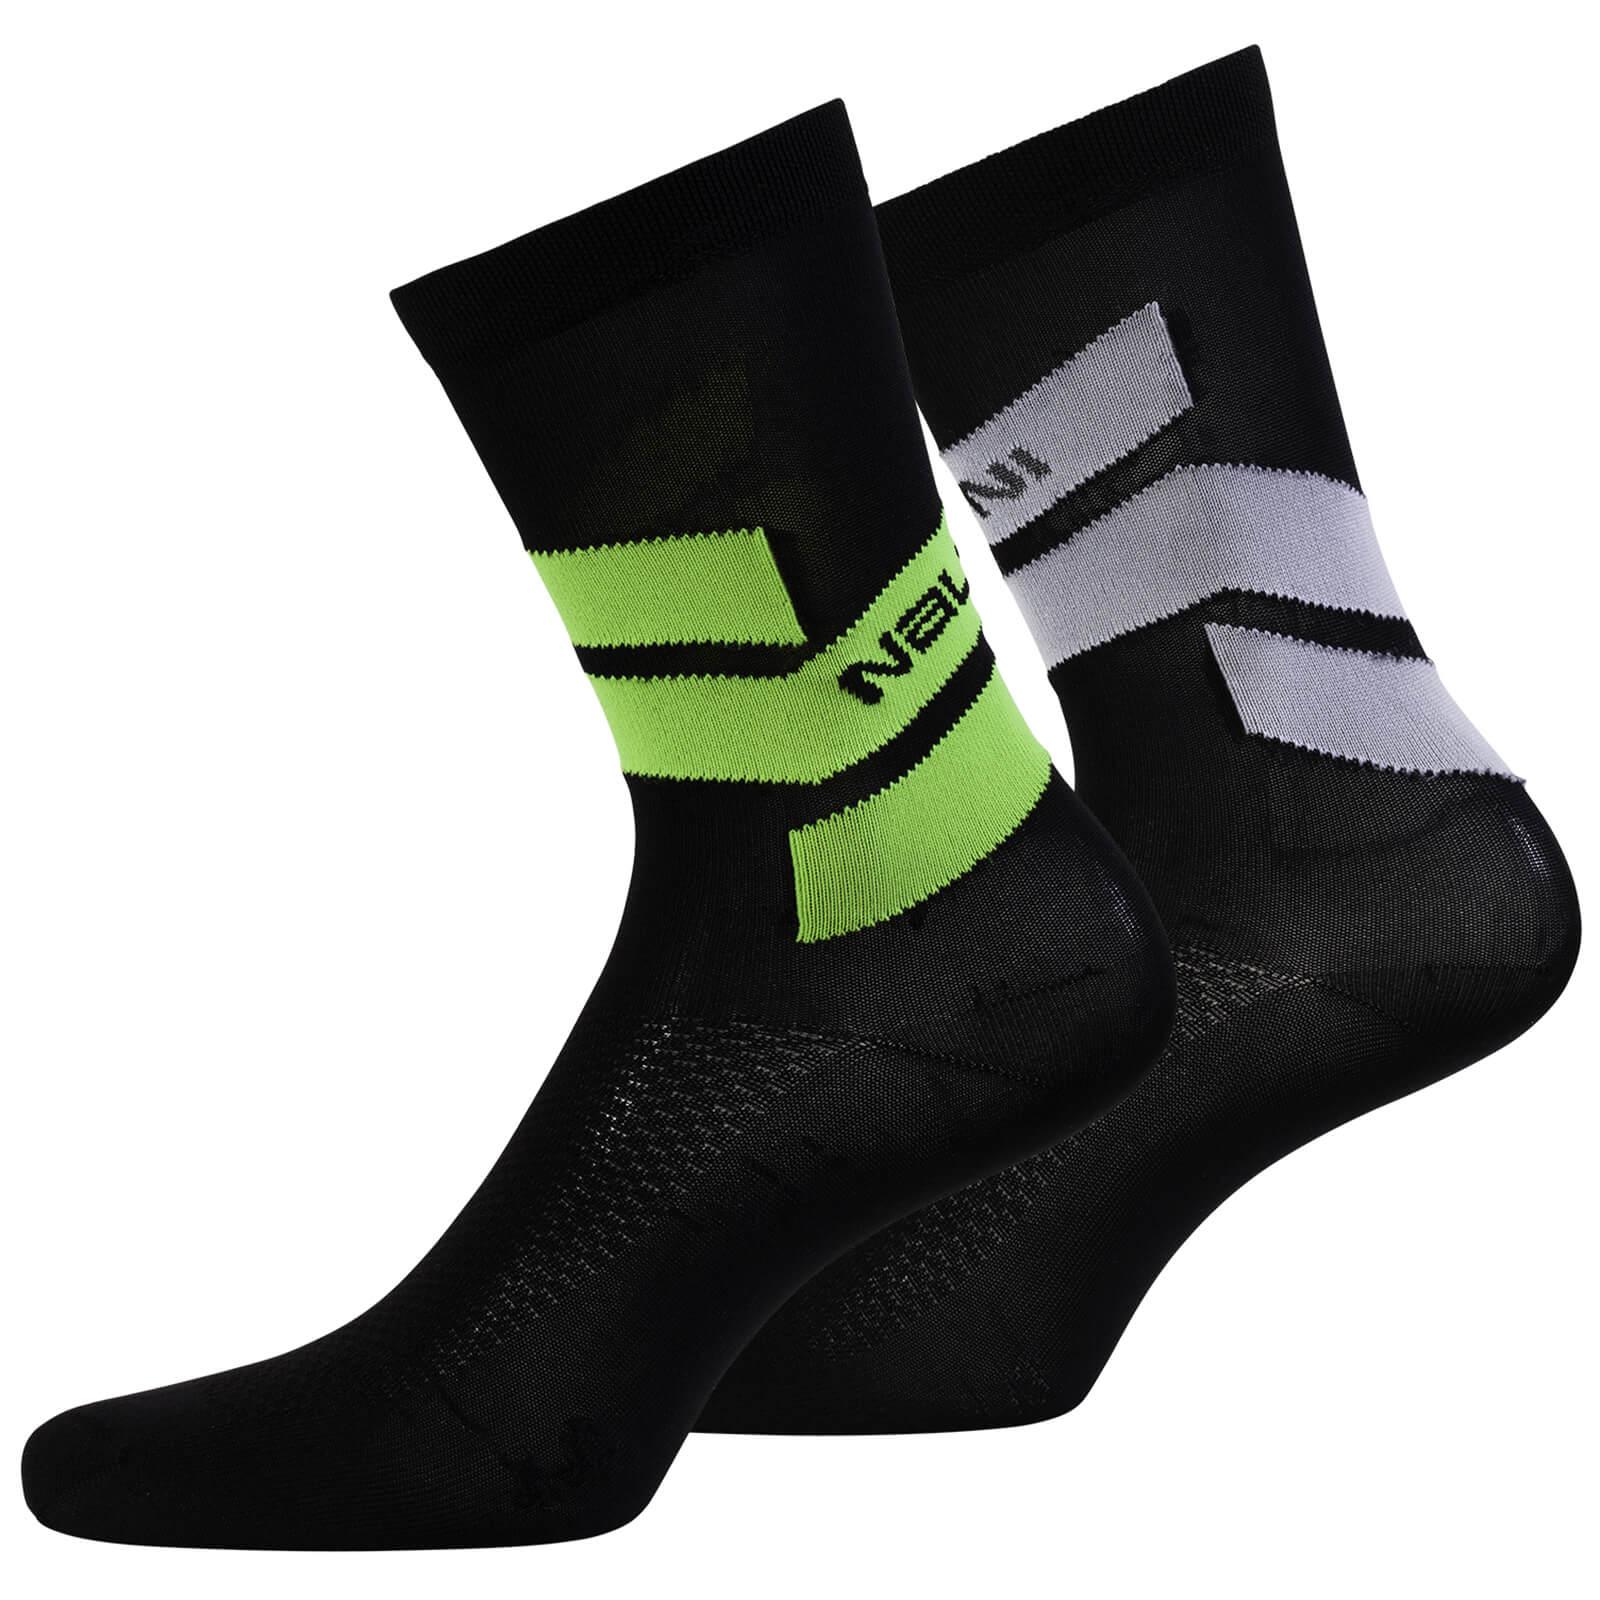 Nalini Folgore Socks - Black - XS - Black